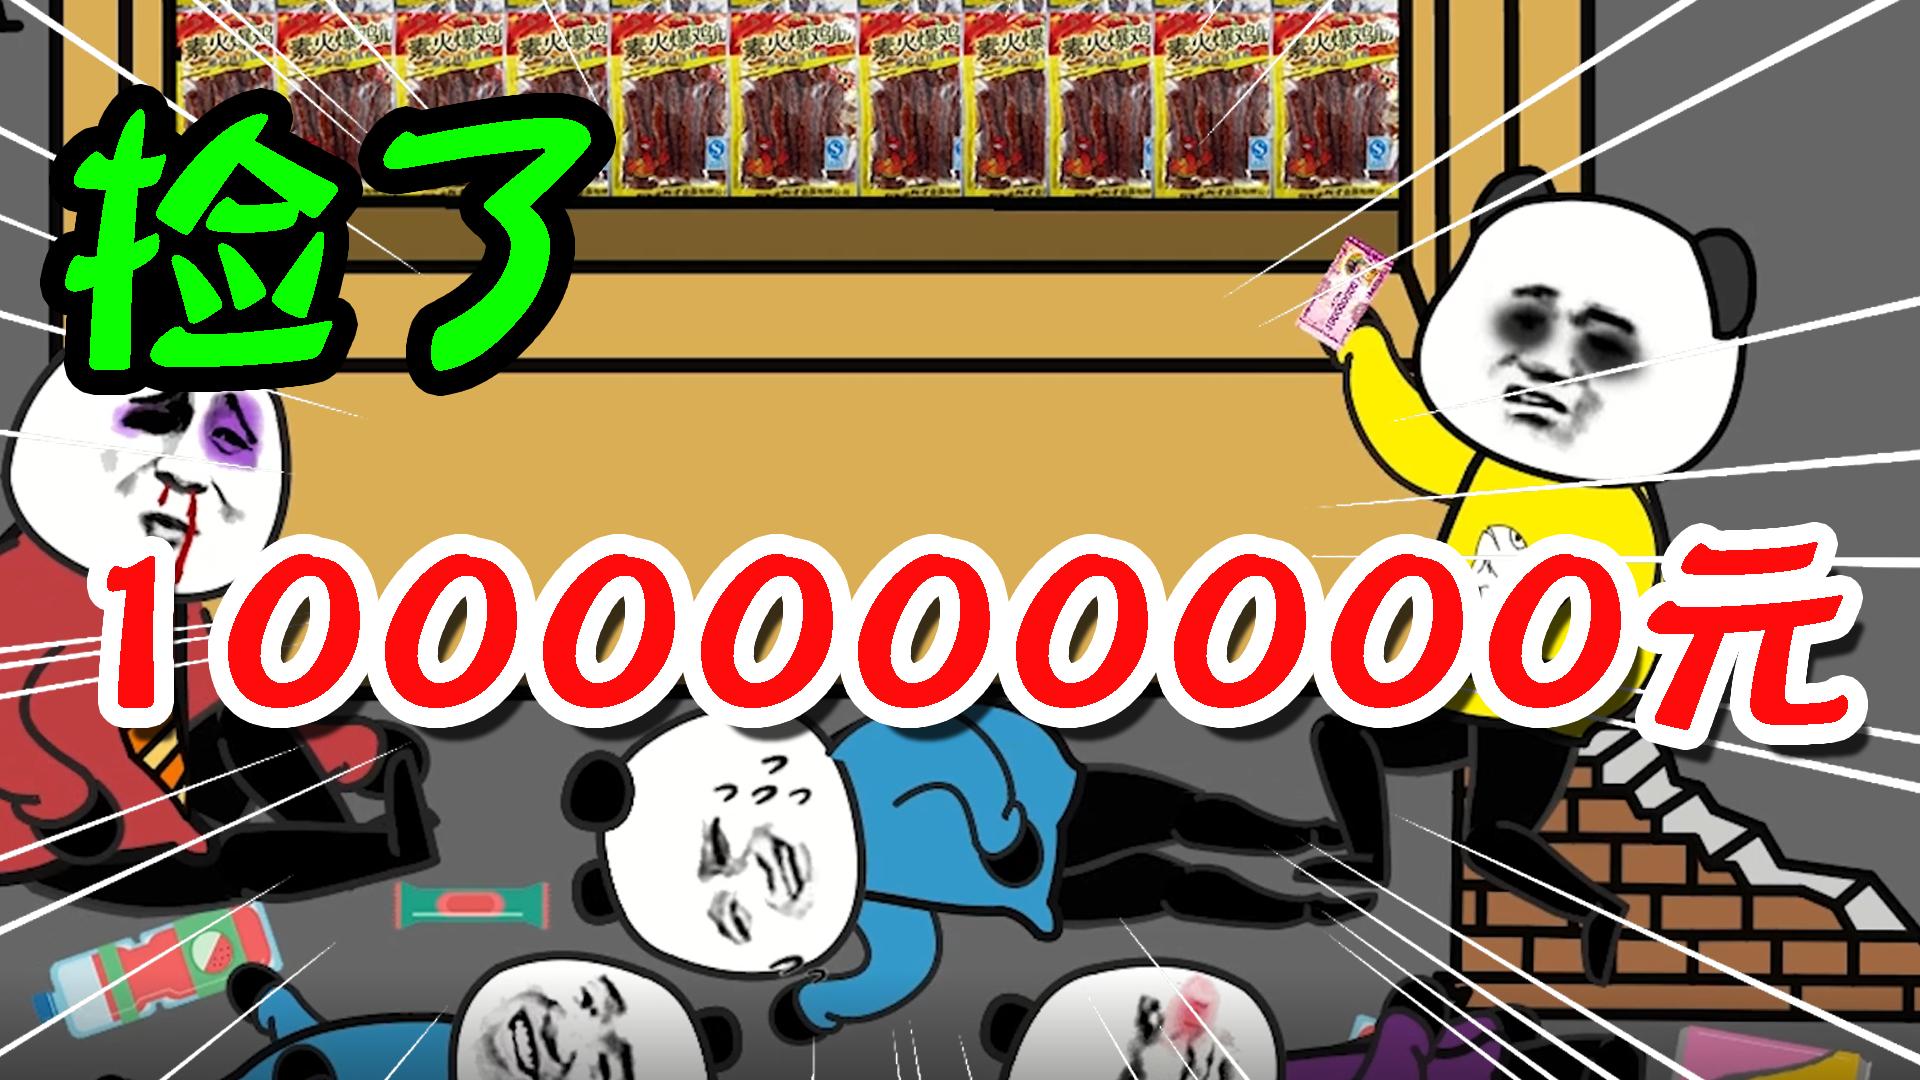 小时候捡了一亿元!直接把小卖部老板吃破产!